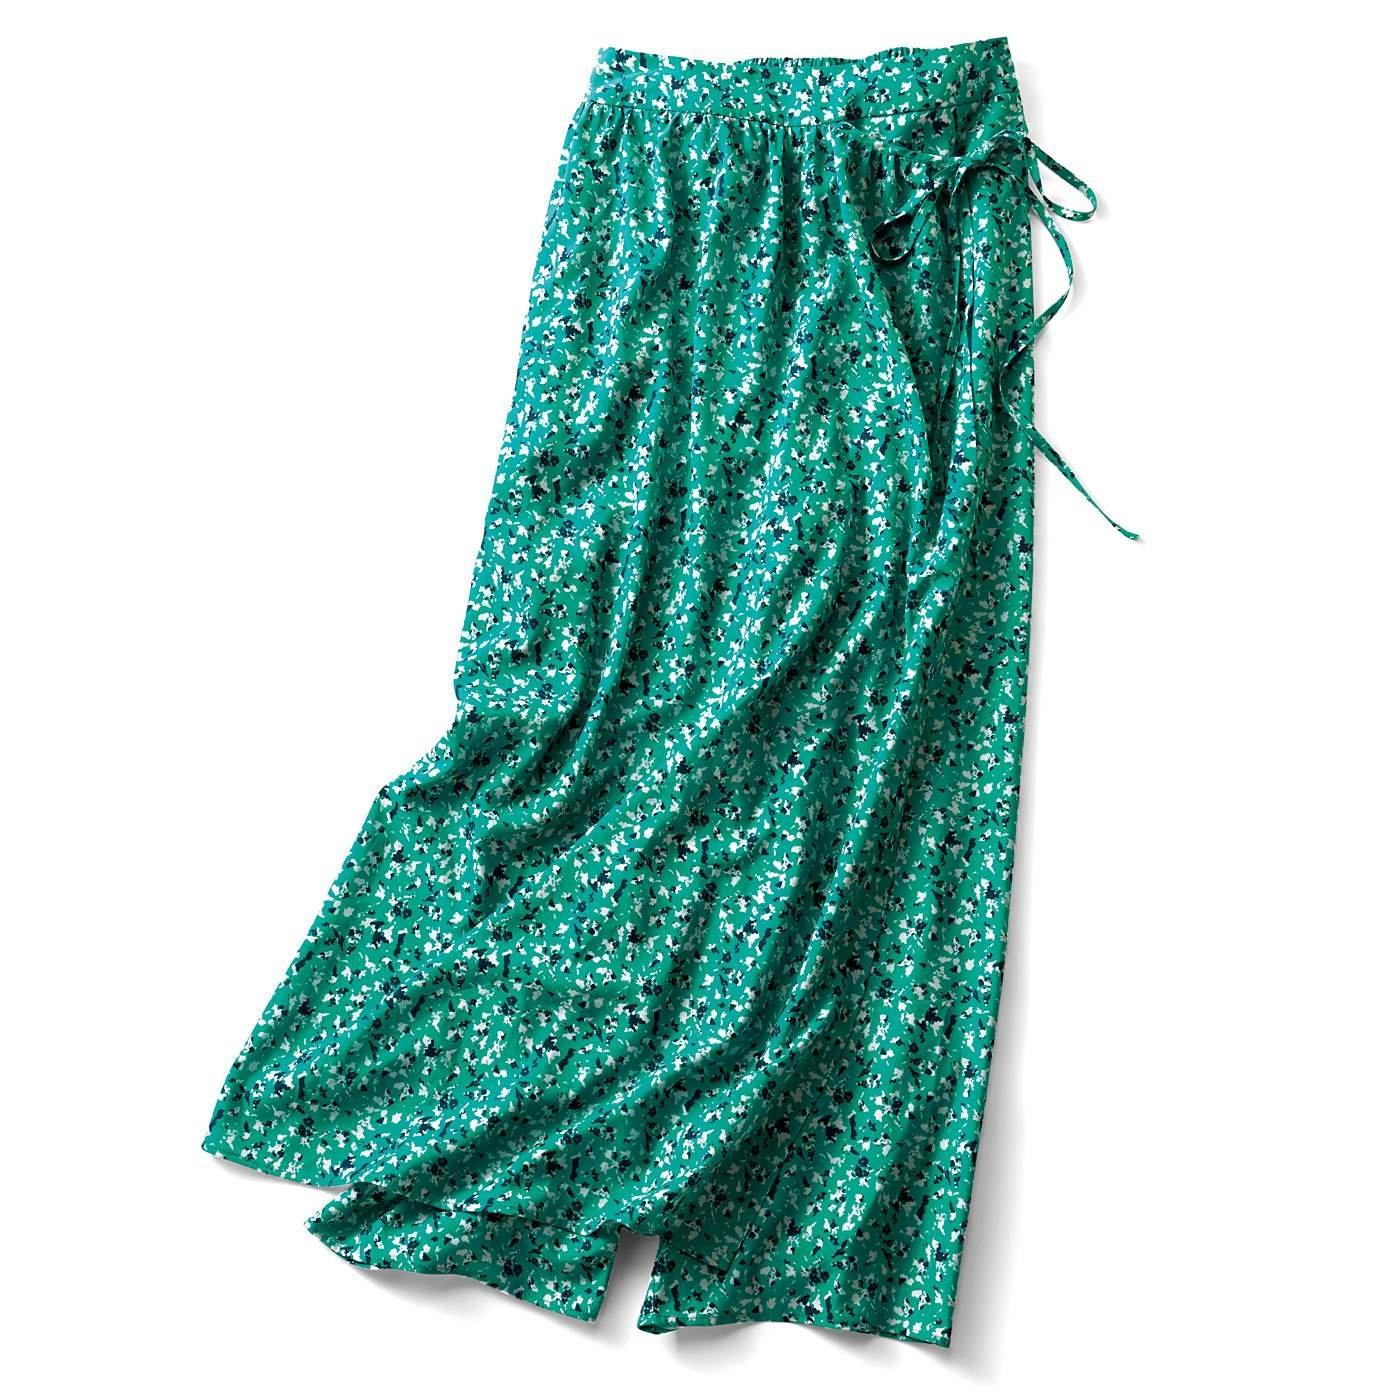 【3~10日でお届け】リブ イン コンフォート くぼっち★とコラボ 旬な気分をかなえるオーバースカートがドッキングしたワイドパンツ〈アーモンドグリーン〉